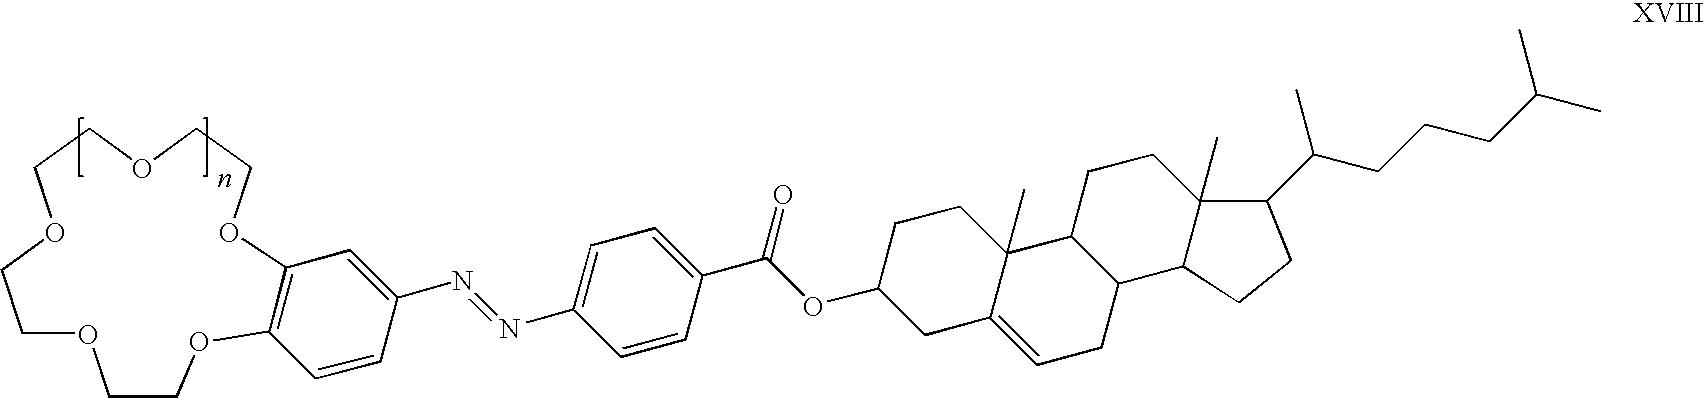 Figure US08445558-20130521-C00011